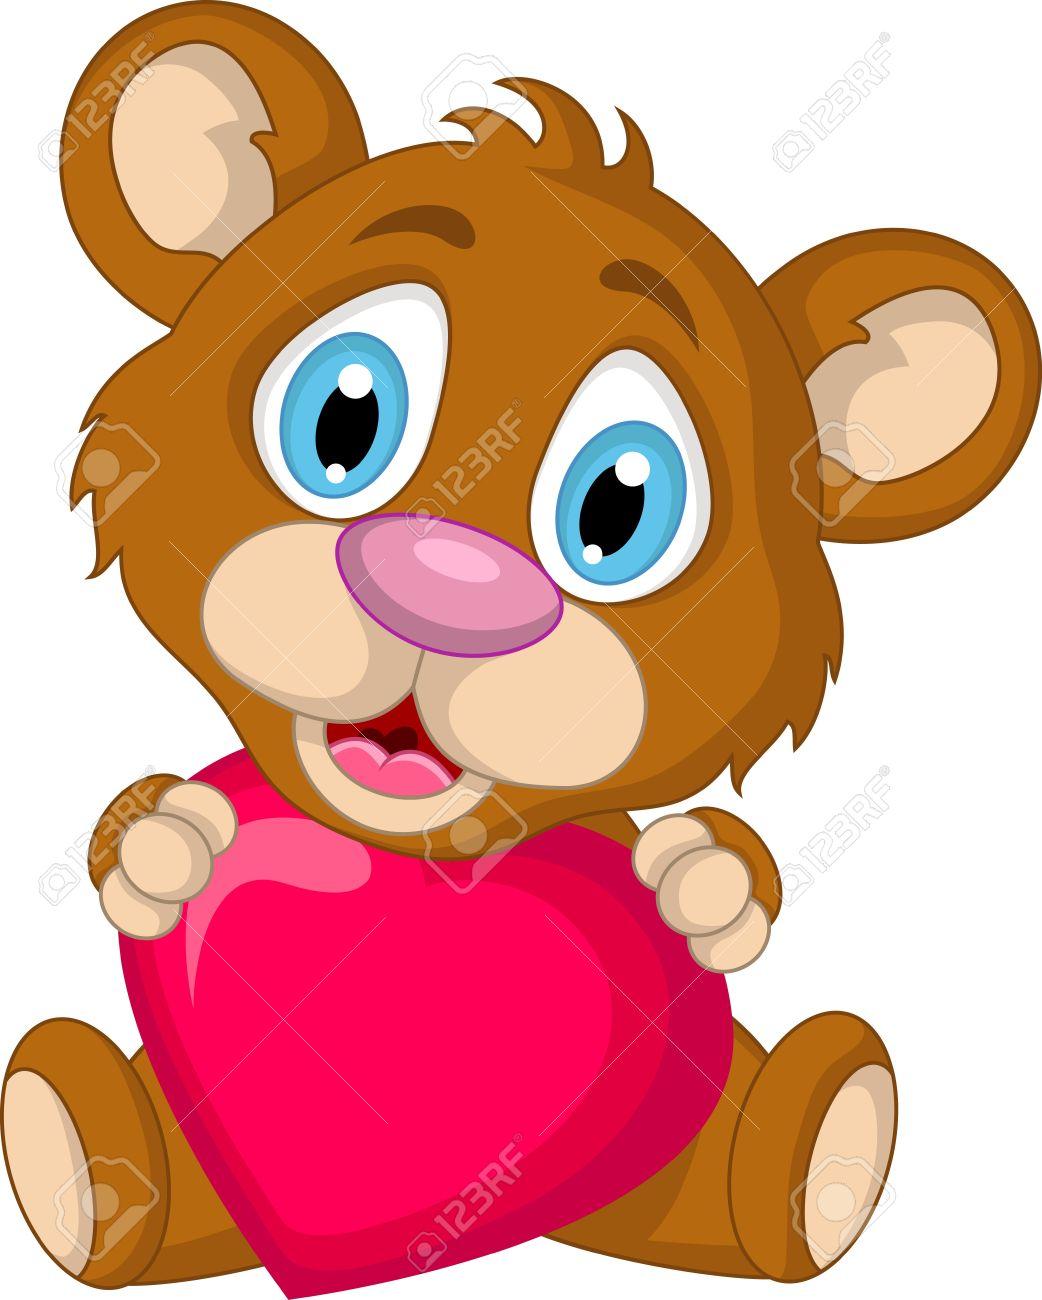 Dessin Amoureux Mignon mignon petit ours brun dessin animé retenant amour de coeur clip art